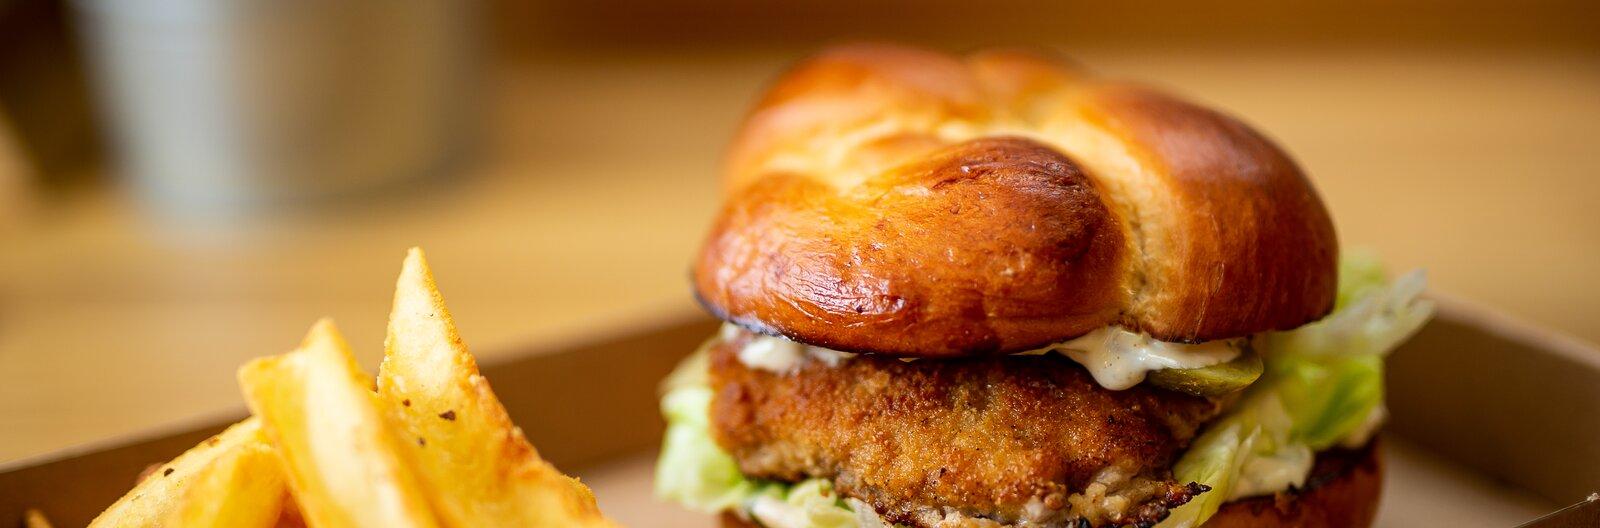 7 hely 7 különleges szendvicse – az ujjnyi vastag párizsistól a spirulinaszivacsosig